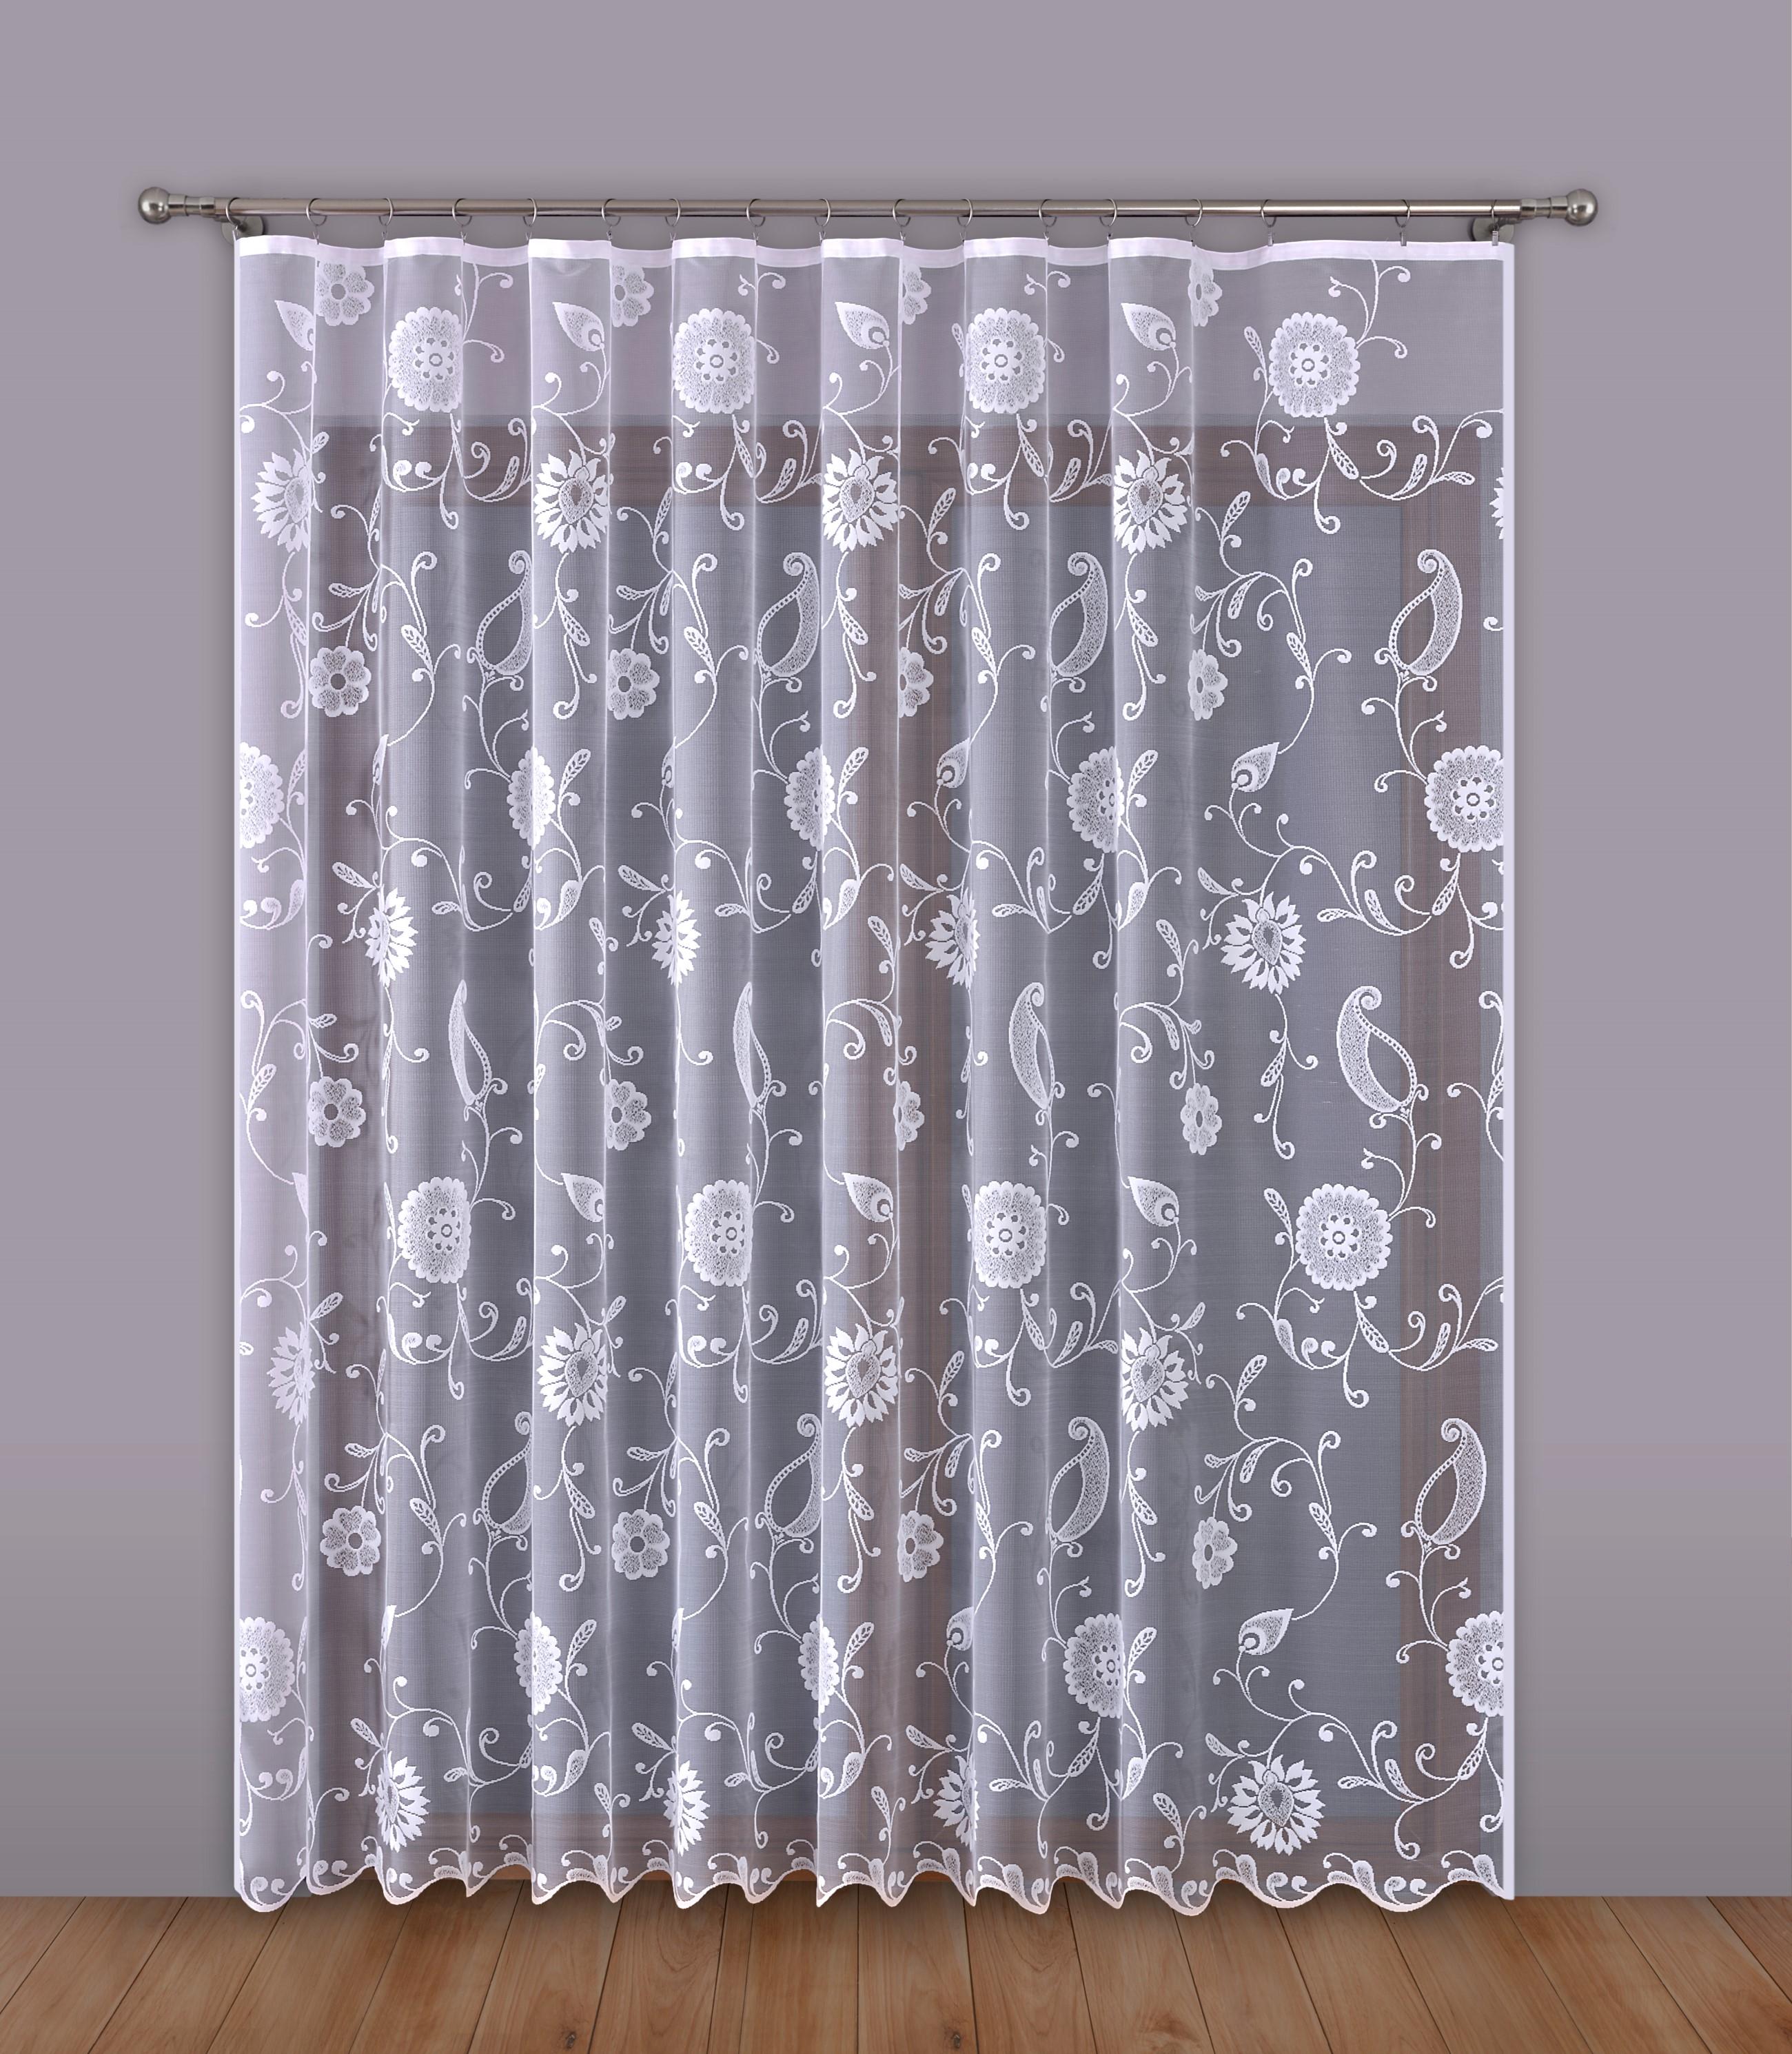 Шторы Primavera Классические шторы Gerry Цвет: Белый шторы primavera классические шторы caroline цвет сиреневый